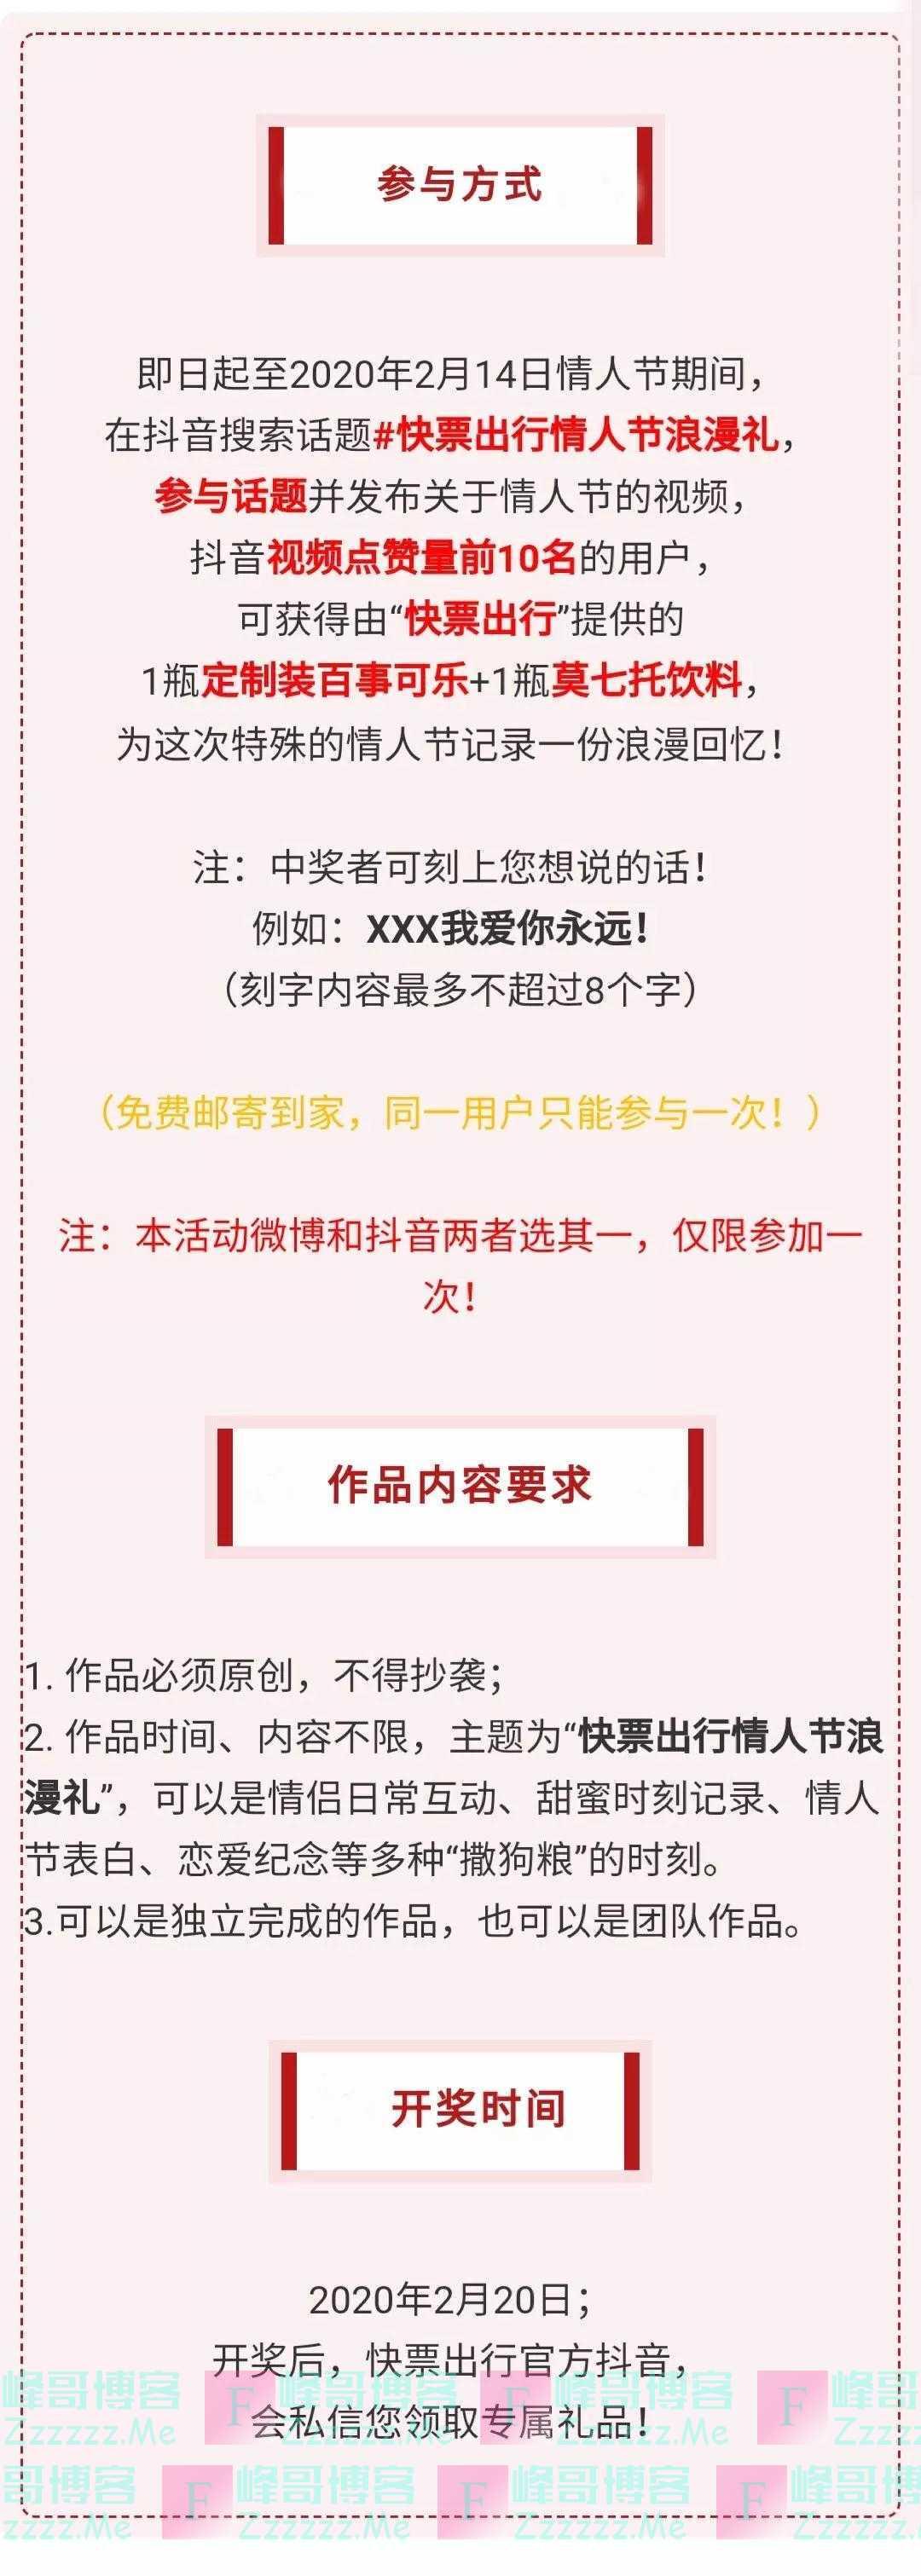 快票出行情人节浪漫礼(截止2月14日)